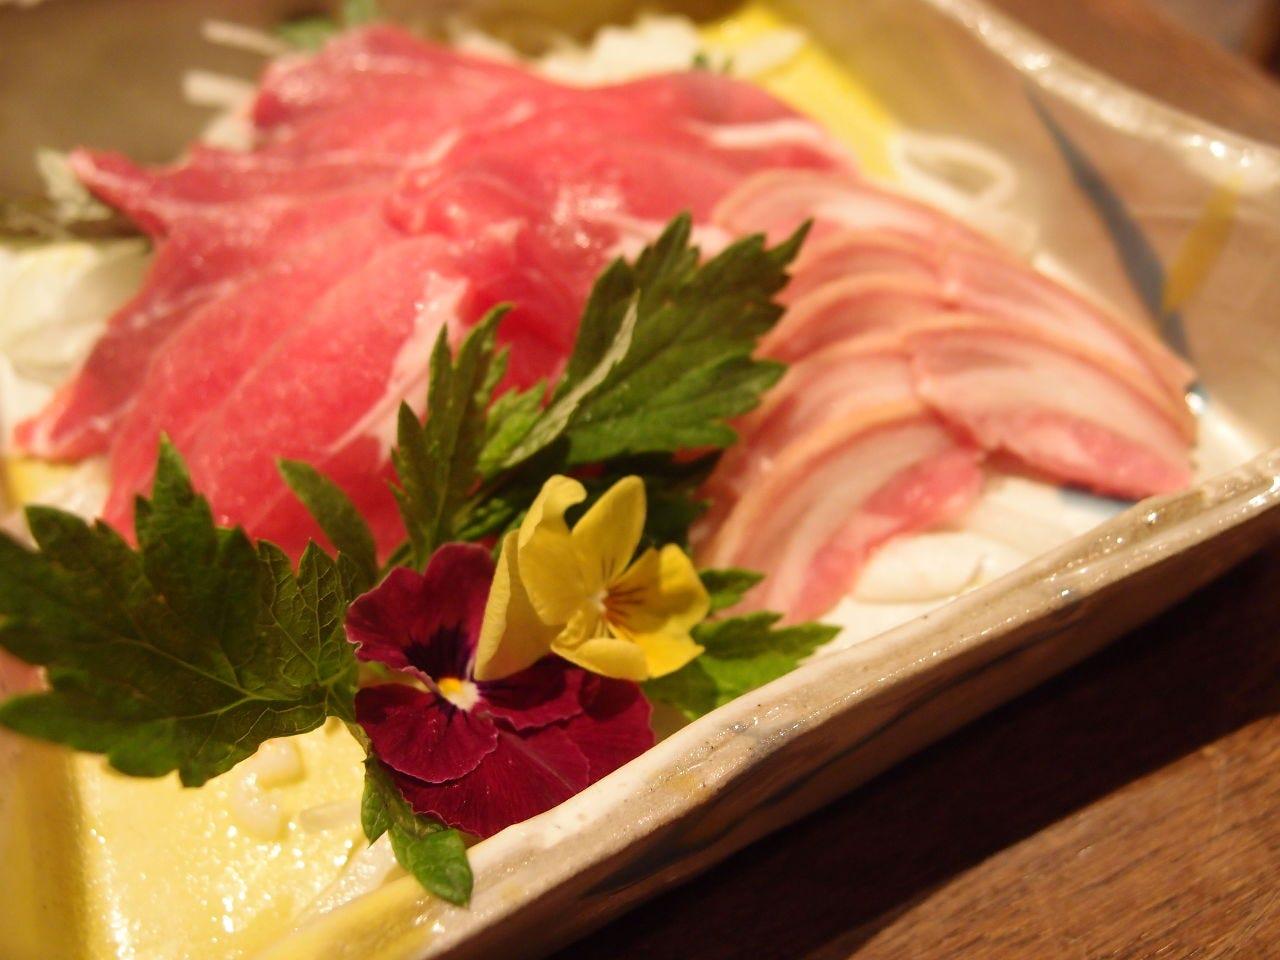 ヒージャー(山羊)は沖縄の県民食。